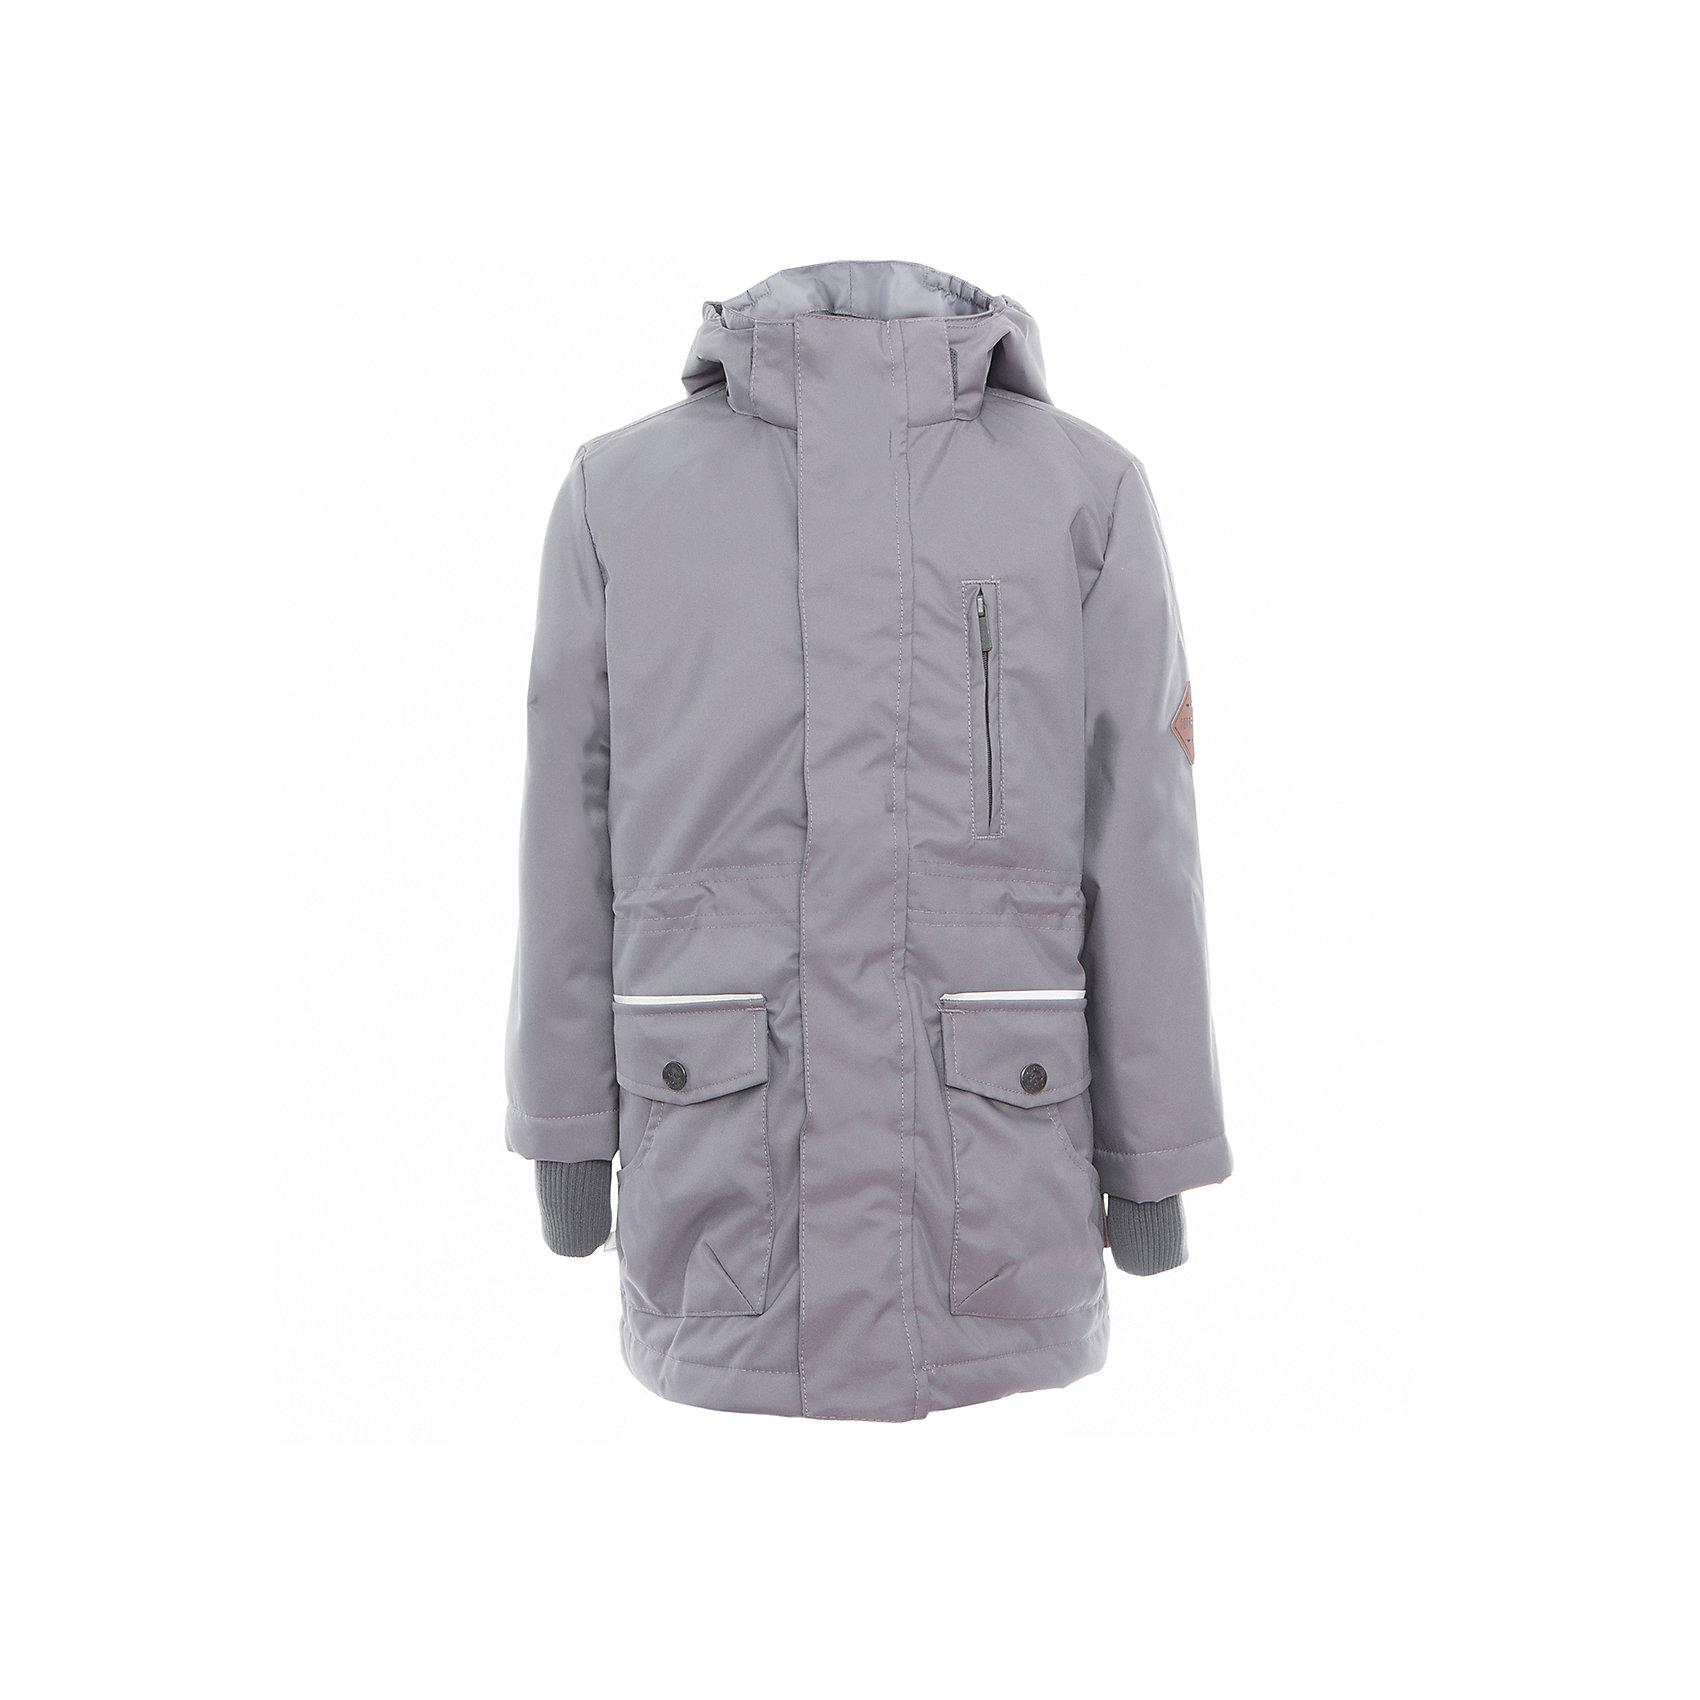 Куртка для мальчика ROLF HuppaВерхняя одежда<br>Характеристики товара:<br><br>• цвет: серый<br>• ткань: 100% полиэстер<br>• подкладка: тафта - 100% полиэстер<br>• утеплитель: 100% полиэстер 100 г<br>• температурный режим: от -5°С до +10°С<br>• водонепроницаемость: 10000 мм<br>• воздухопроницаемость: 10000 мм<br>• светоотражающие детали<br>• эластичные манжеты<br>• молния<br>• плечевые швы проклеены<br>• карманы на молнии<br>• эластичный шнур + фиксатор<br>• съёмный капюшон с резинкой<br>• внутренние вязаные манжеты<br>• комфортная посадка<br>• коллекция: весна-лето 2017<br>• страна бренда: Эстония<br><br>Эта стильная куртка обеспечит детям тепло и комфорт. Она сделана из материала, отталкивающего воду, и дополнено подкладкой с утеплителем, поэтому изделие идеально подходит для межсезонья. Материал изделия - с мембранной технологией: защищая от влаги и ветра, он легко выводит лишнюю влагу наружу. Для удобства сделан капюшон. Куртка очень симпатично смотрится, яркая расцветка и крой добавляют ему оригинальности. Модель была разработана специально для детей.<br><br>Одежда и обувь от популярного эстонского бренда Huppa - отличный вариант одеть ребенка можно и комфортно. Вещи, выпускаемые компанией, качественные, продуманные и очень удобные. Для производства изделий используются только безопасные для детей материалы. Продукция от Huppa порадует и детей, и их родителей!<br><br>Куртку для мальчика ROLF от бренда Huppa (Хуппа) можно купить в нашем интернет-магазине.<br><br>Ширина мм: 356<br>Глубина мм: 10<br>Высота мм: 245<br>Вес г: 519<br>Цвет: серый<br>Возраст от месяцев: 96<br>Возраст до месяцев: 108<br>Пол: Мужской<br>Возраст: Детский<br>Размер: 164,134,104,110,116,122,128,140,146,152,158<br>SKU: 5347063